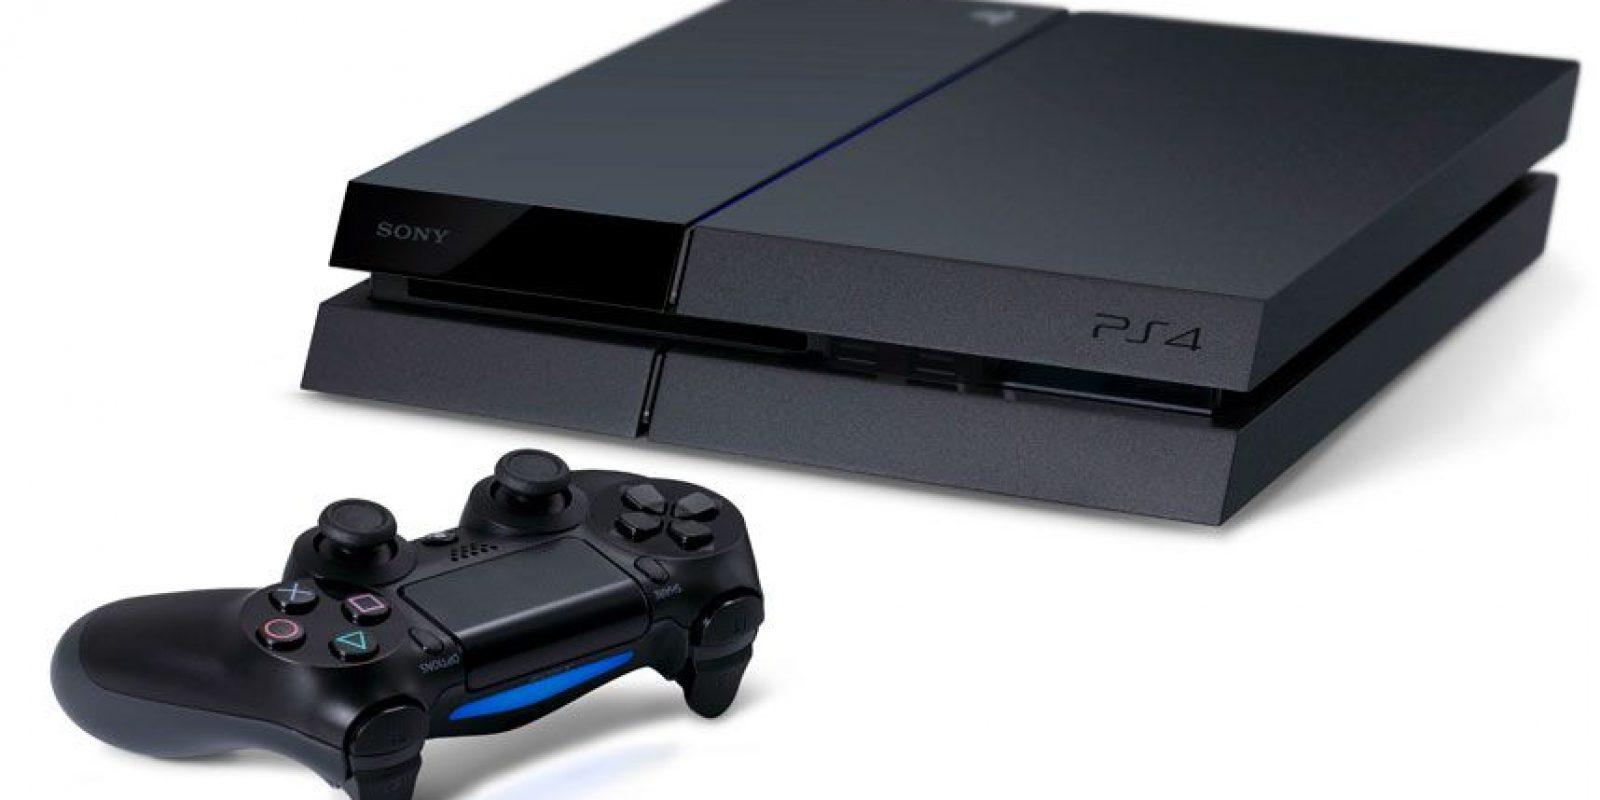 En un inicio, la compañía japonesa Sony estipulo su precio en 400 dólares. Foto:Sony